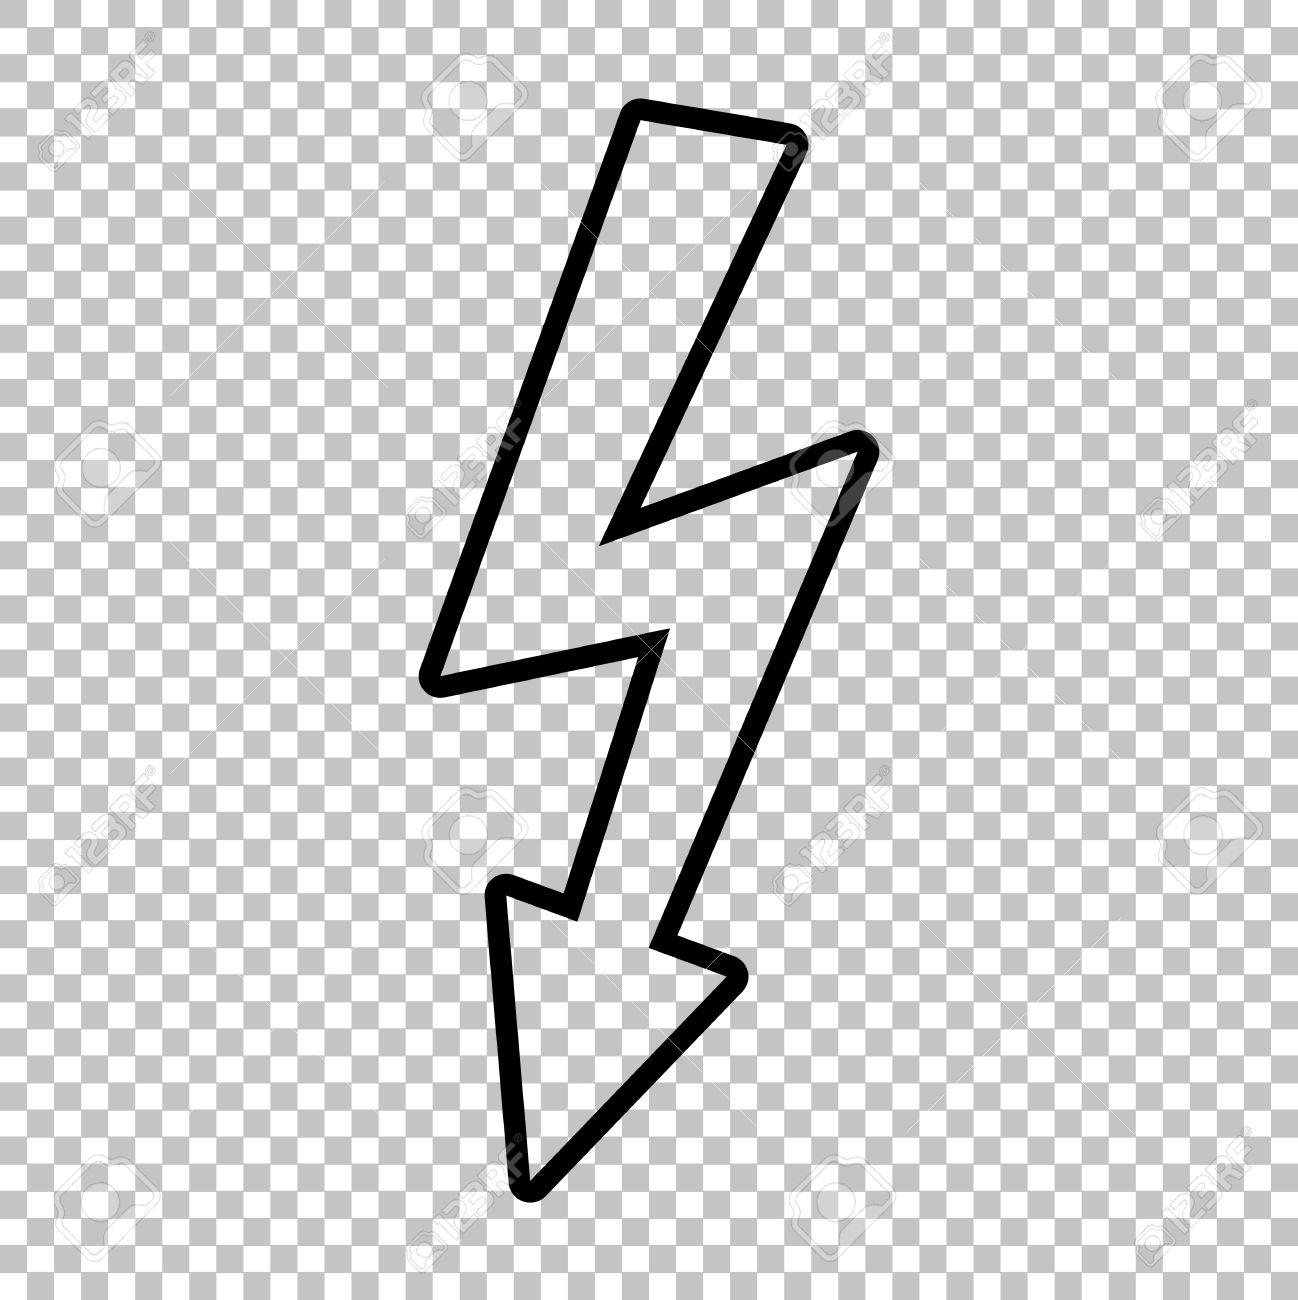 High Voltage Danger Sign. Line Icon On Transparent Background ...